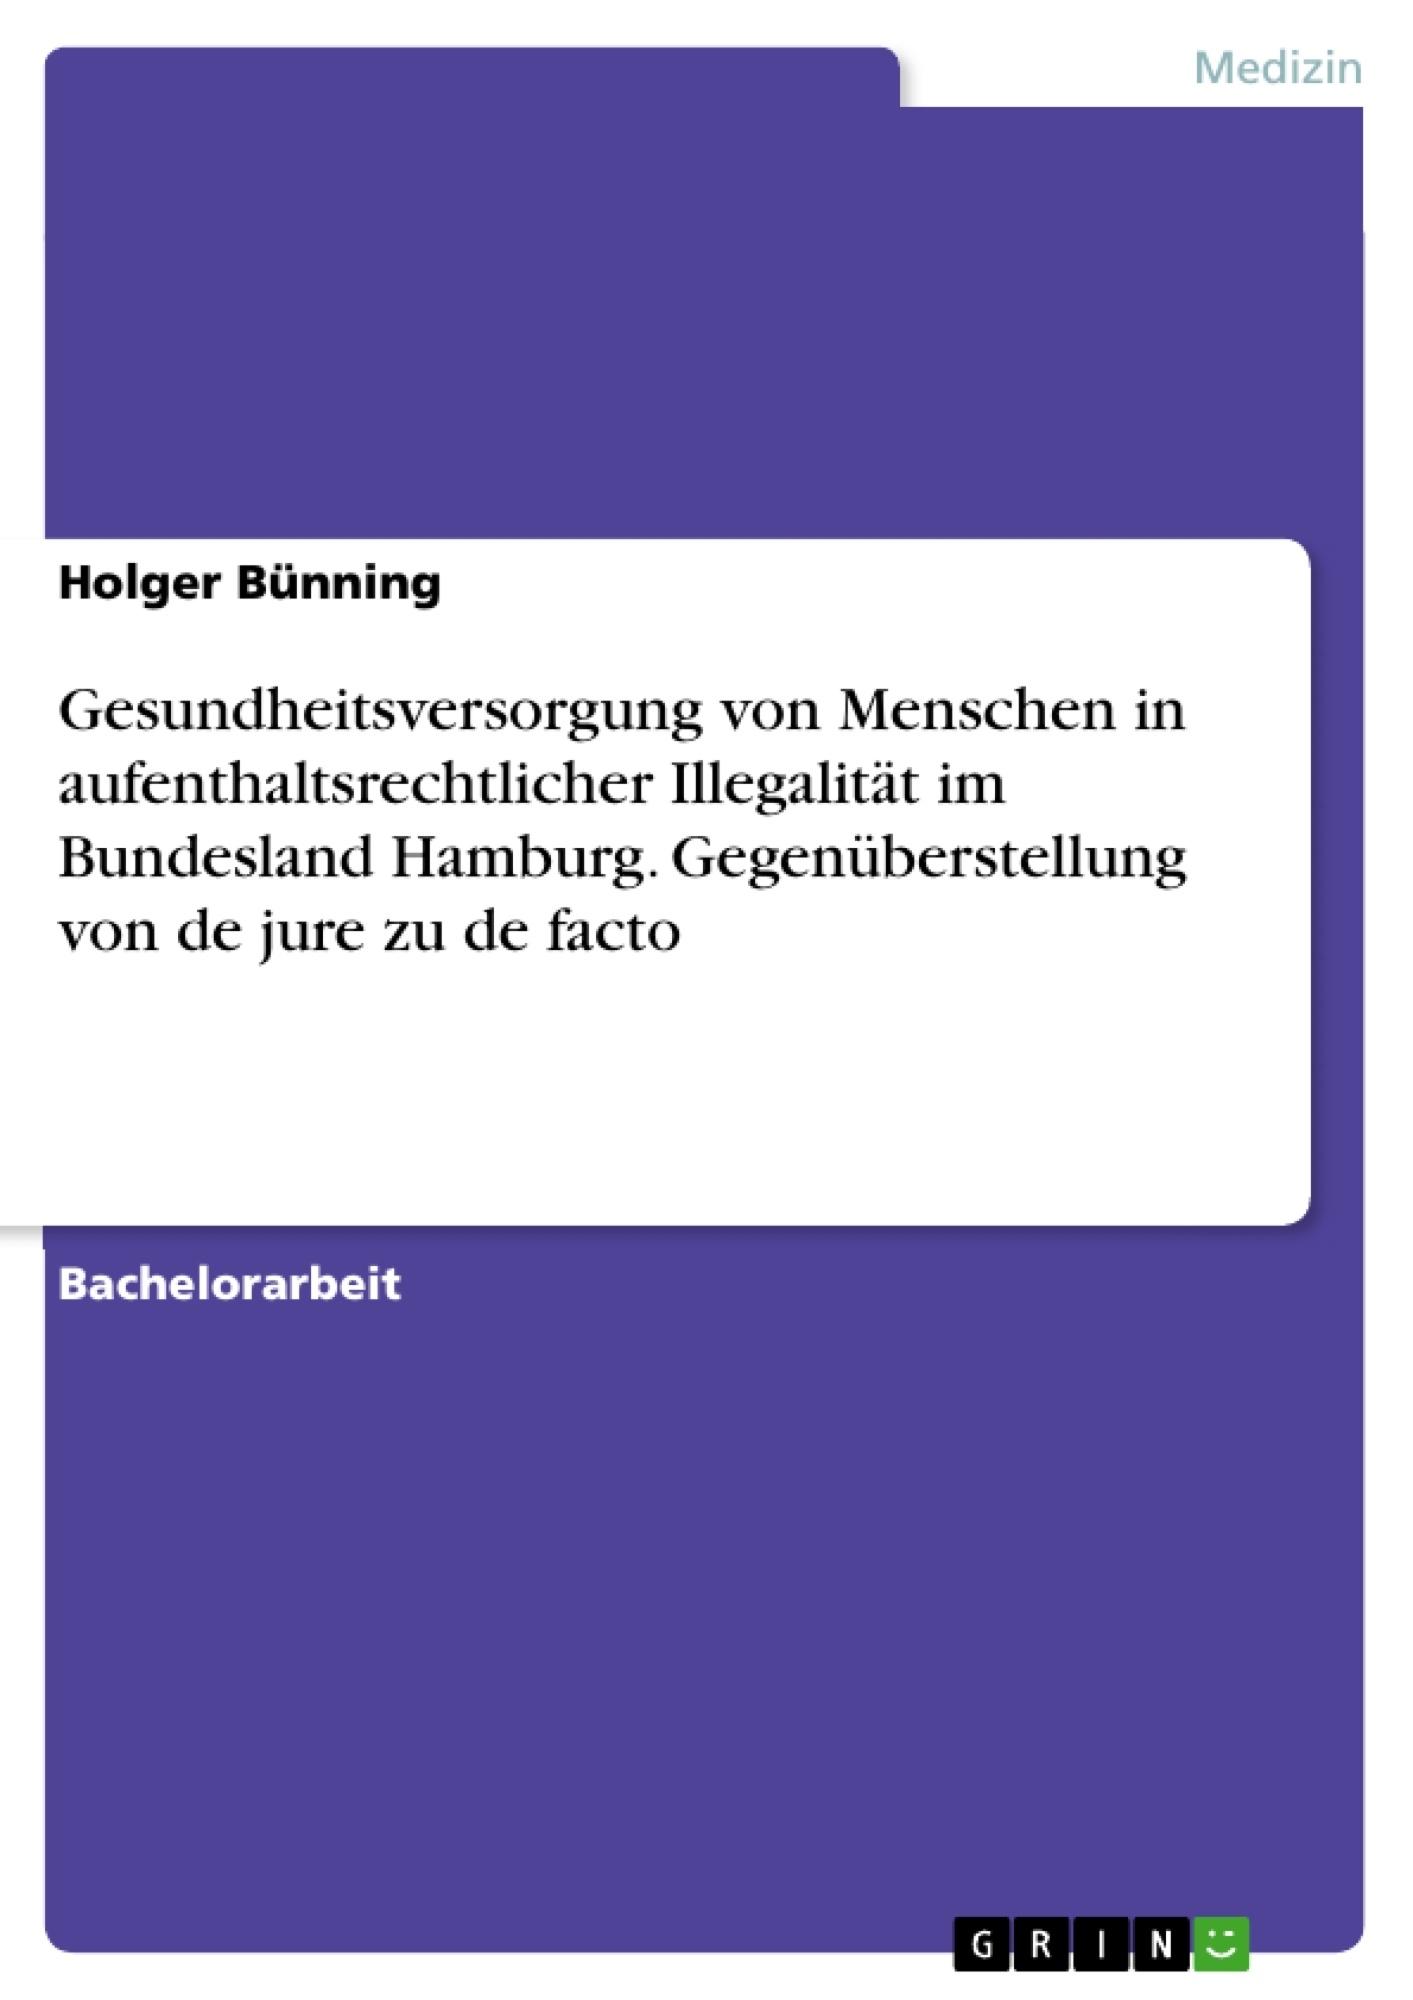 Titel: Gesundheitsversorgung von Menschen in aufenthaltsrechtlicher Illegalität im Bundesland Hamburg. Gegenüberstellung von de jure zu de facto